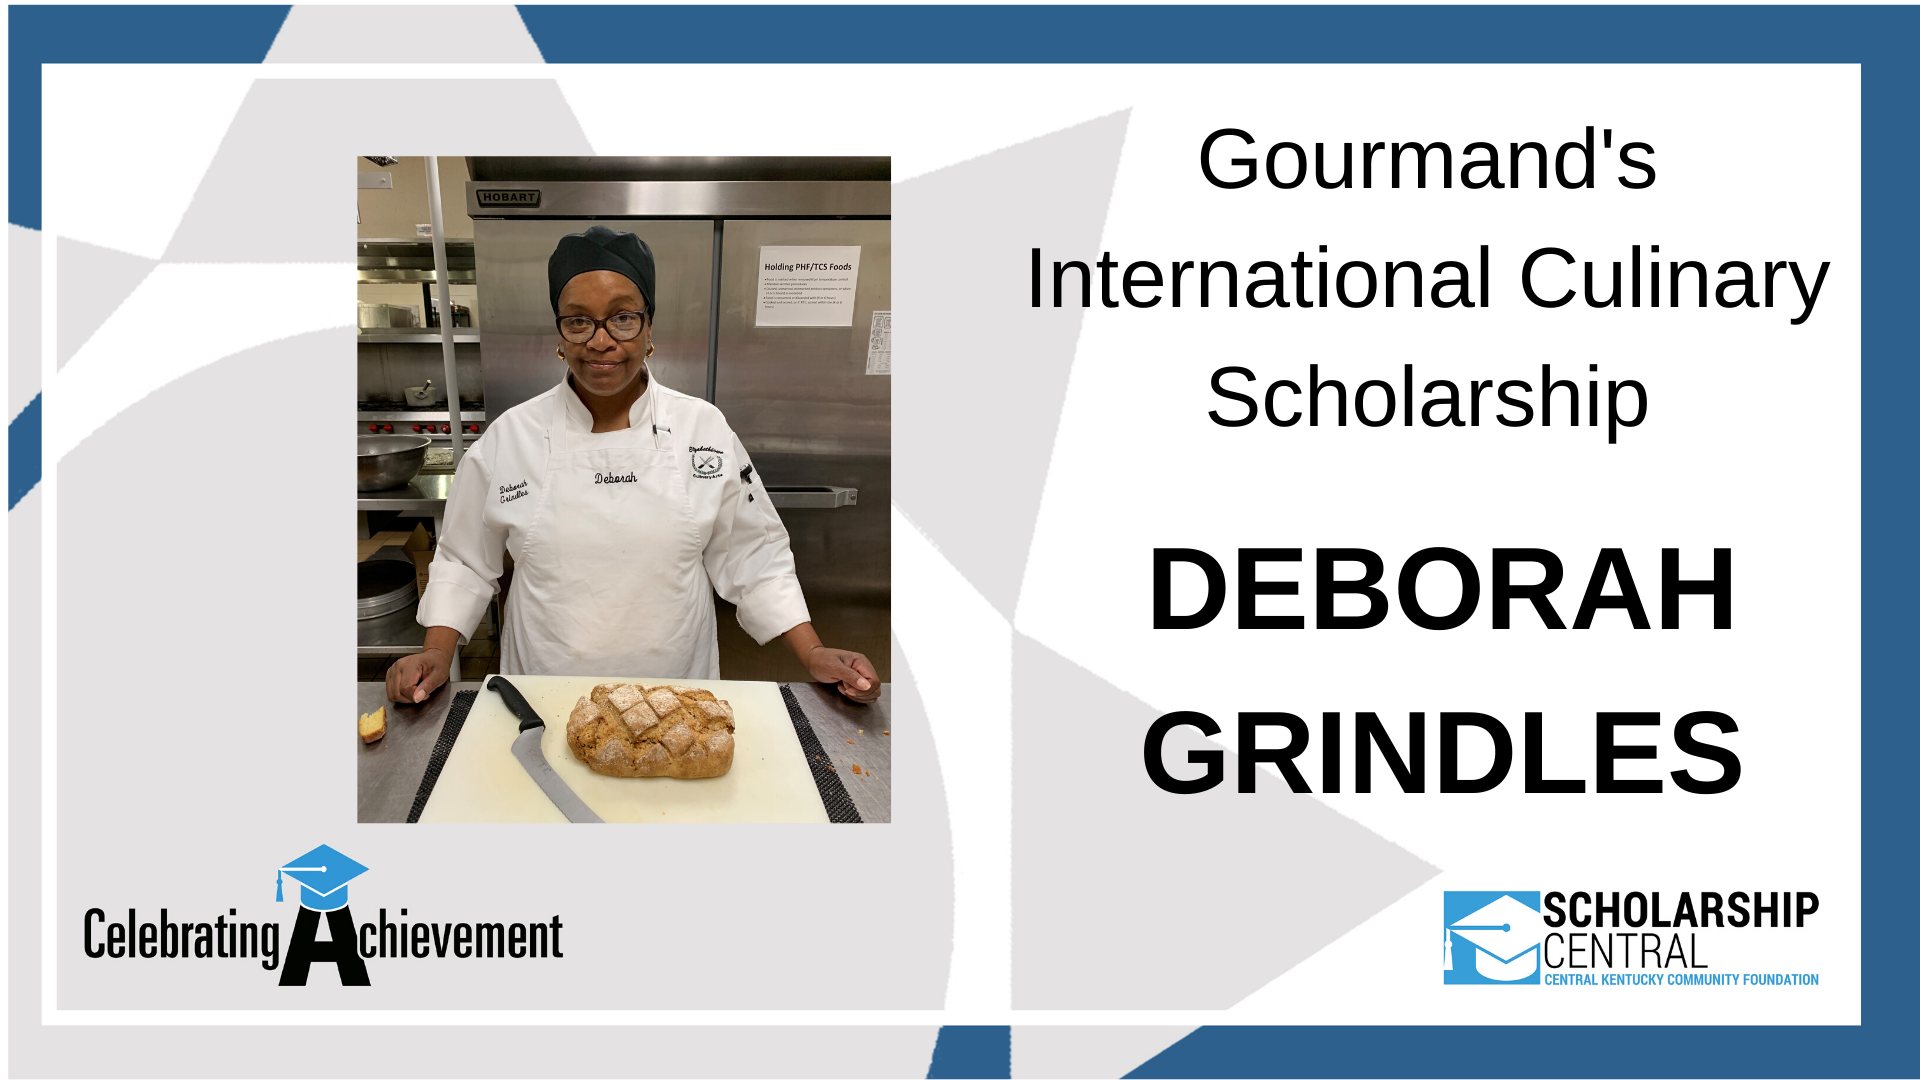 Gourmands Scholarship